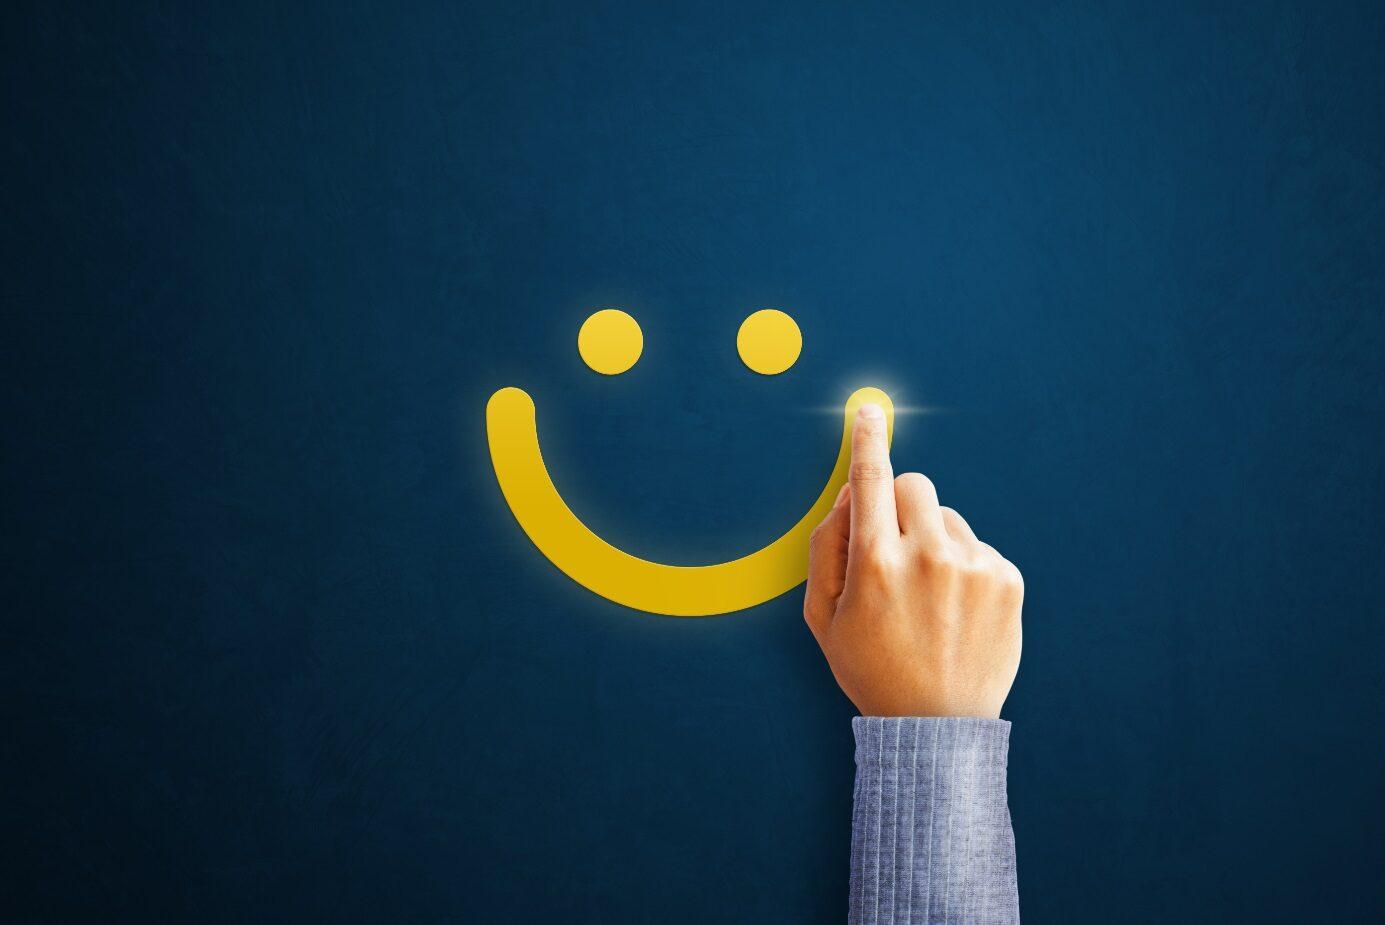 esperienza di soddisfazione del servizio sempre più positiva